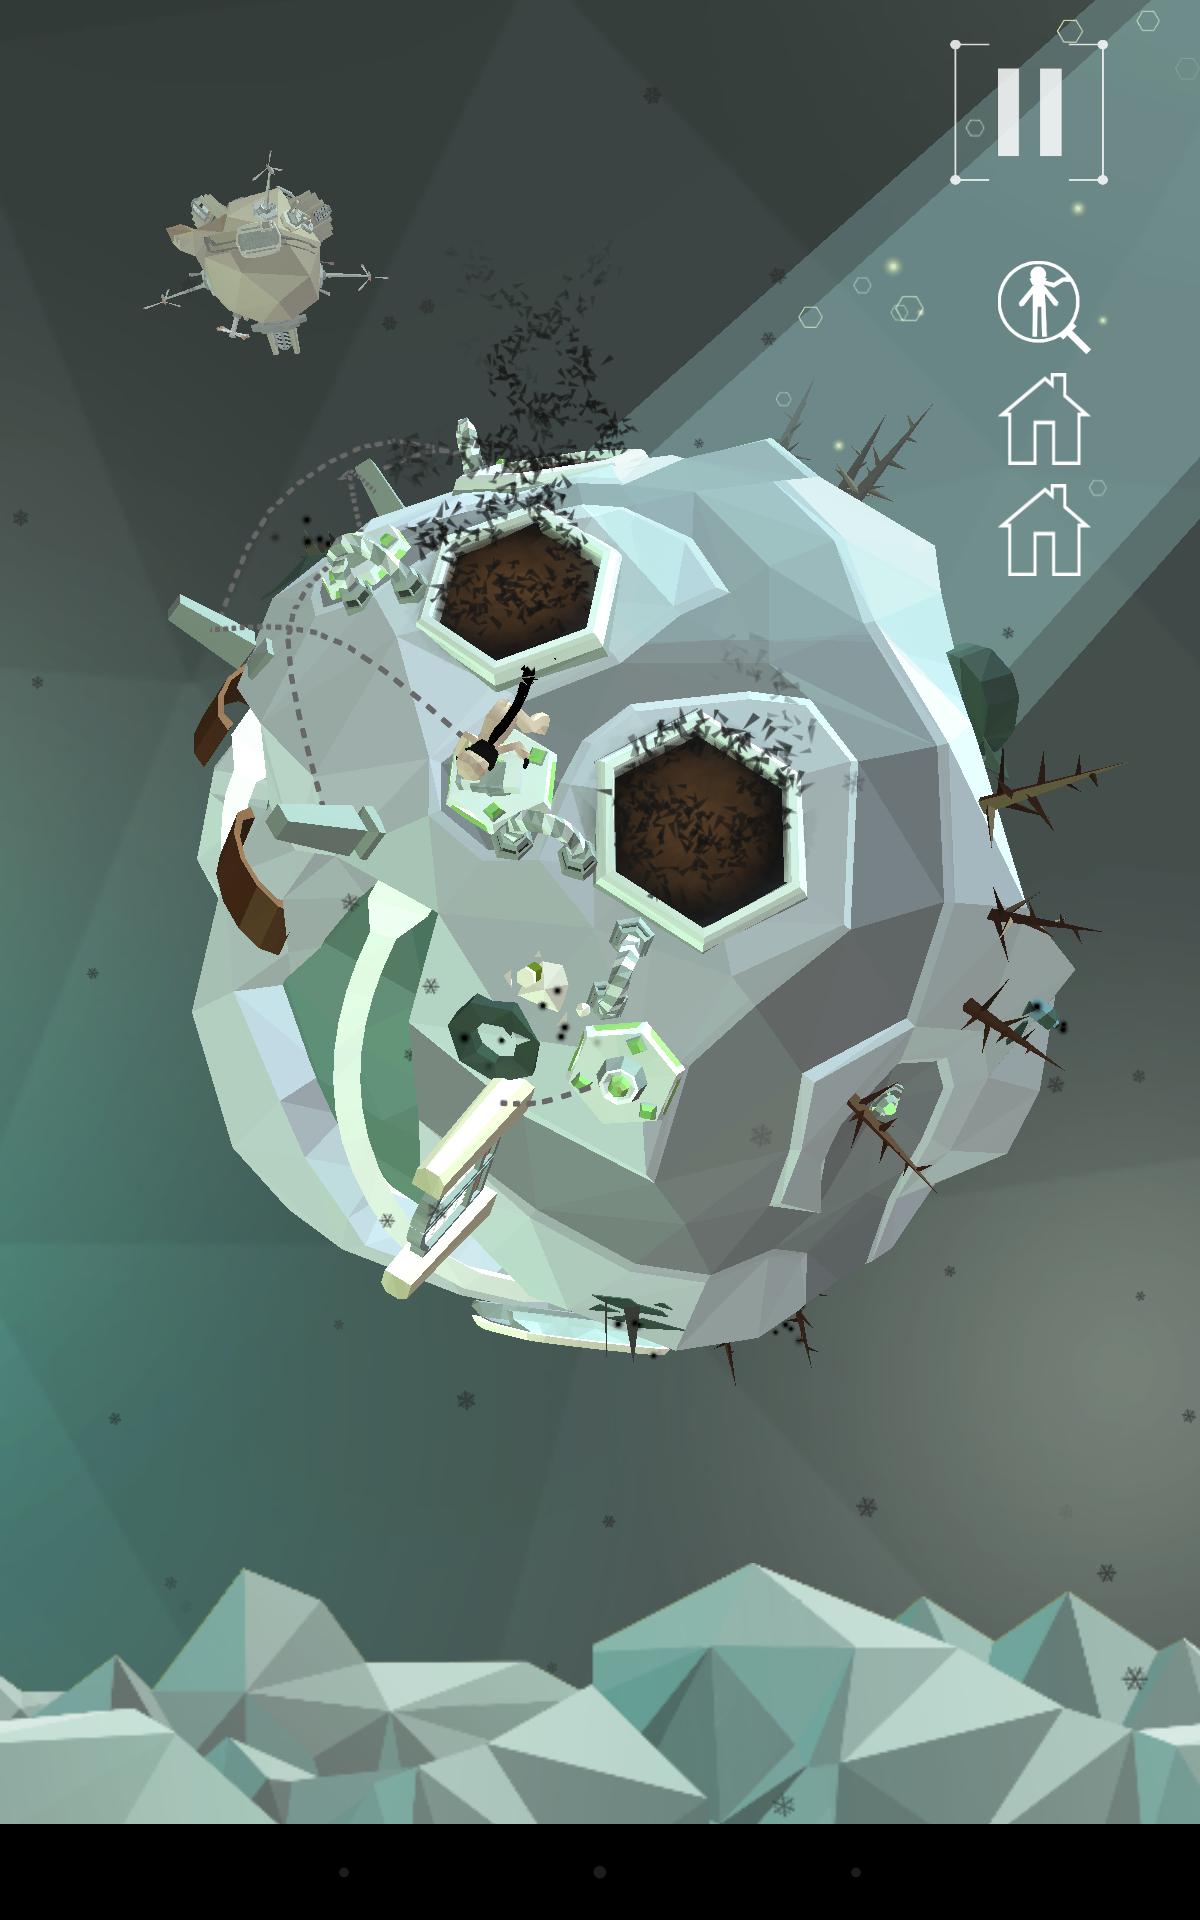 Screenshot: Sam bedient auf einem kleinen Planeten einen Mechanismus. Daneben sind Löcher aus denen schwarzer Rauch hinaus kommt.